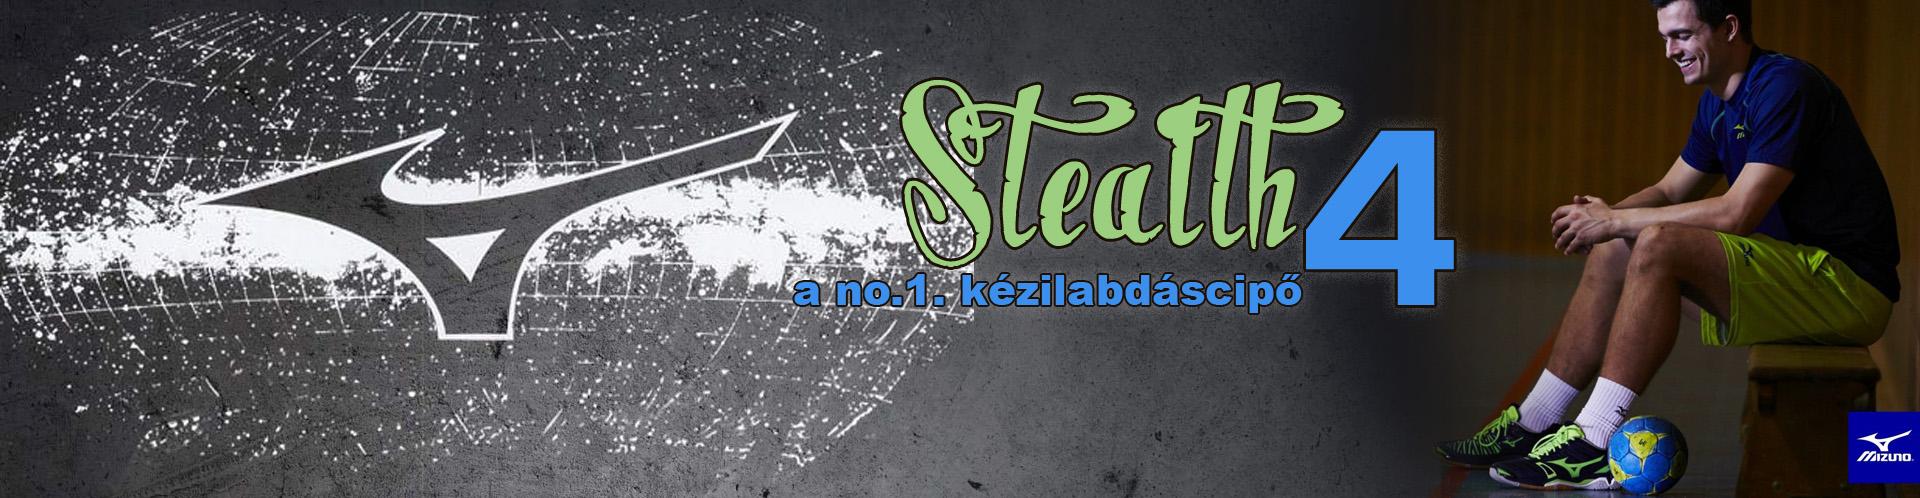 sportmarket_banner_stealth4